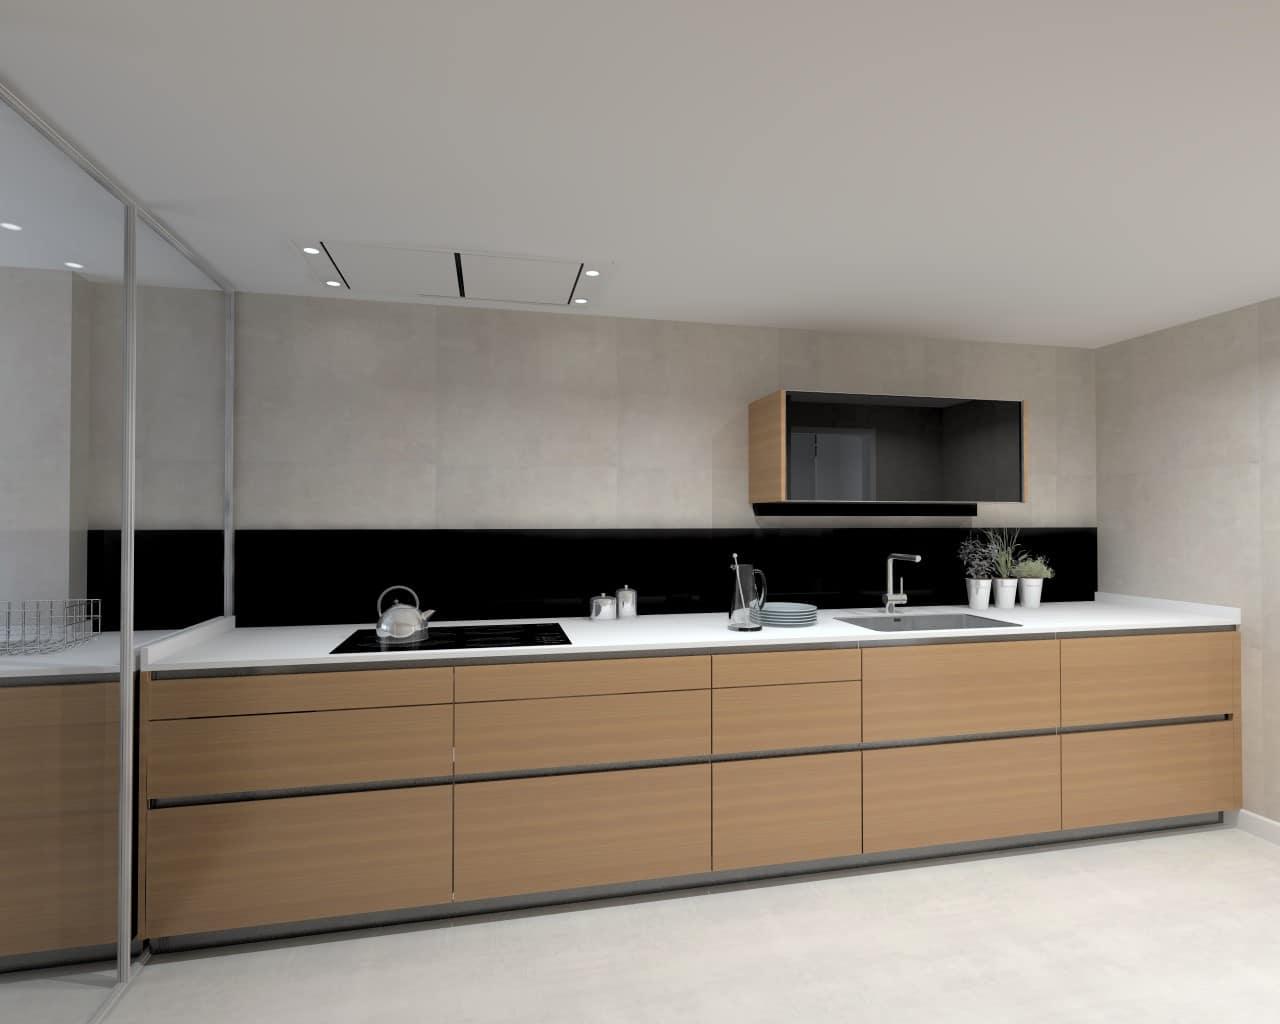 Una cocina de dise o r stico y moderno estudio cocinas dc for Aplicacion para diseno de cocinas